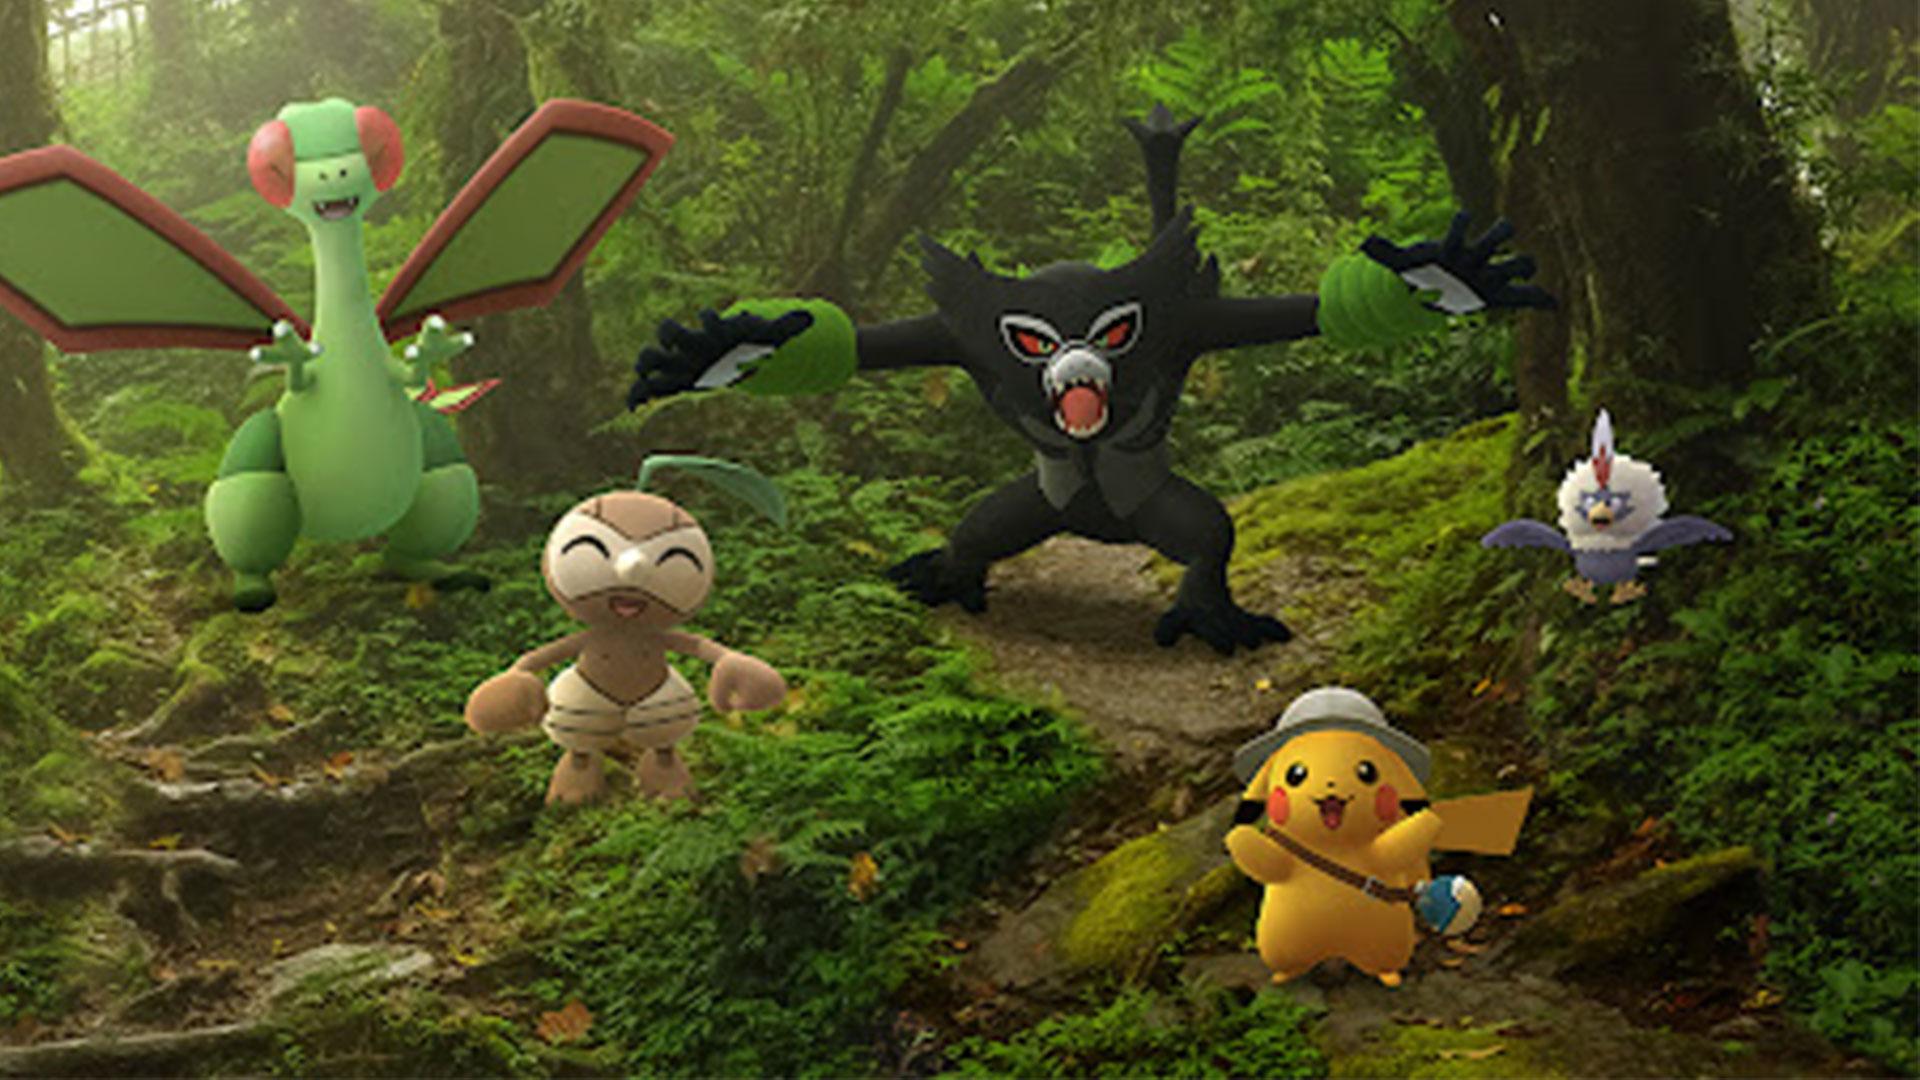 Les secrets de la jungle - Zarude fait son entrée sur Pokémon GO